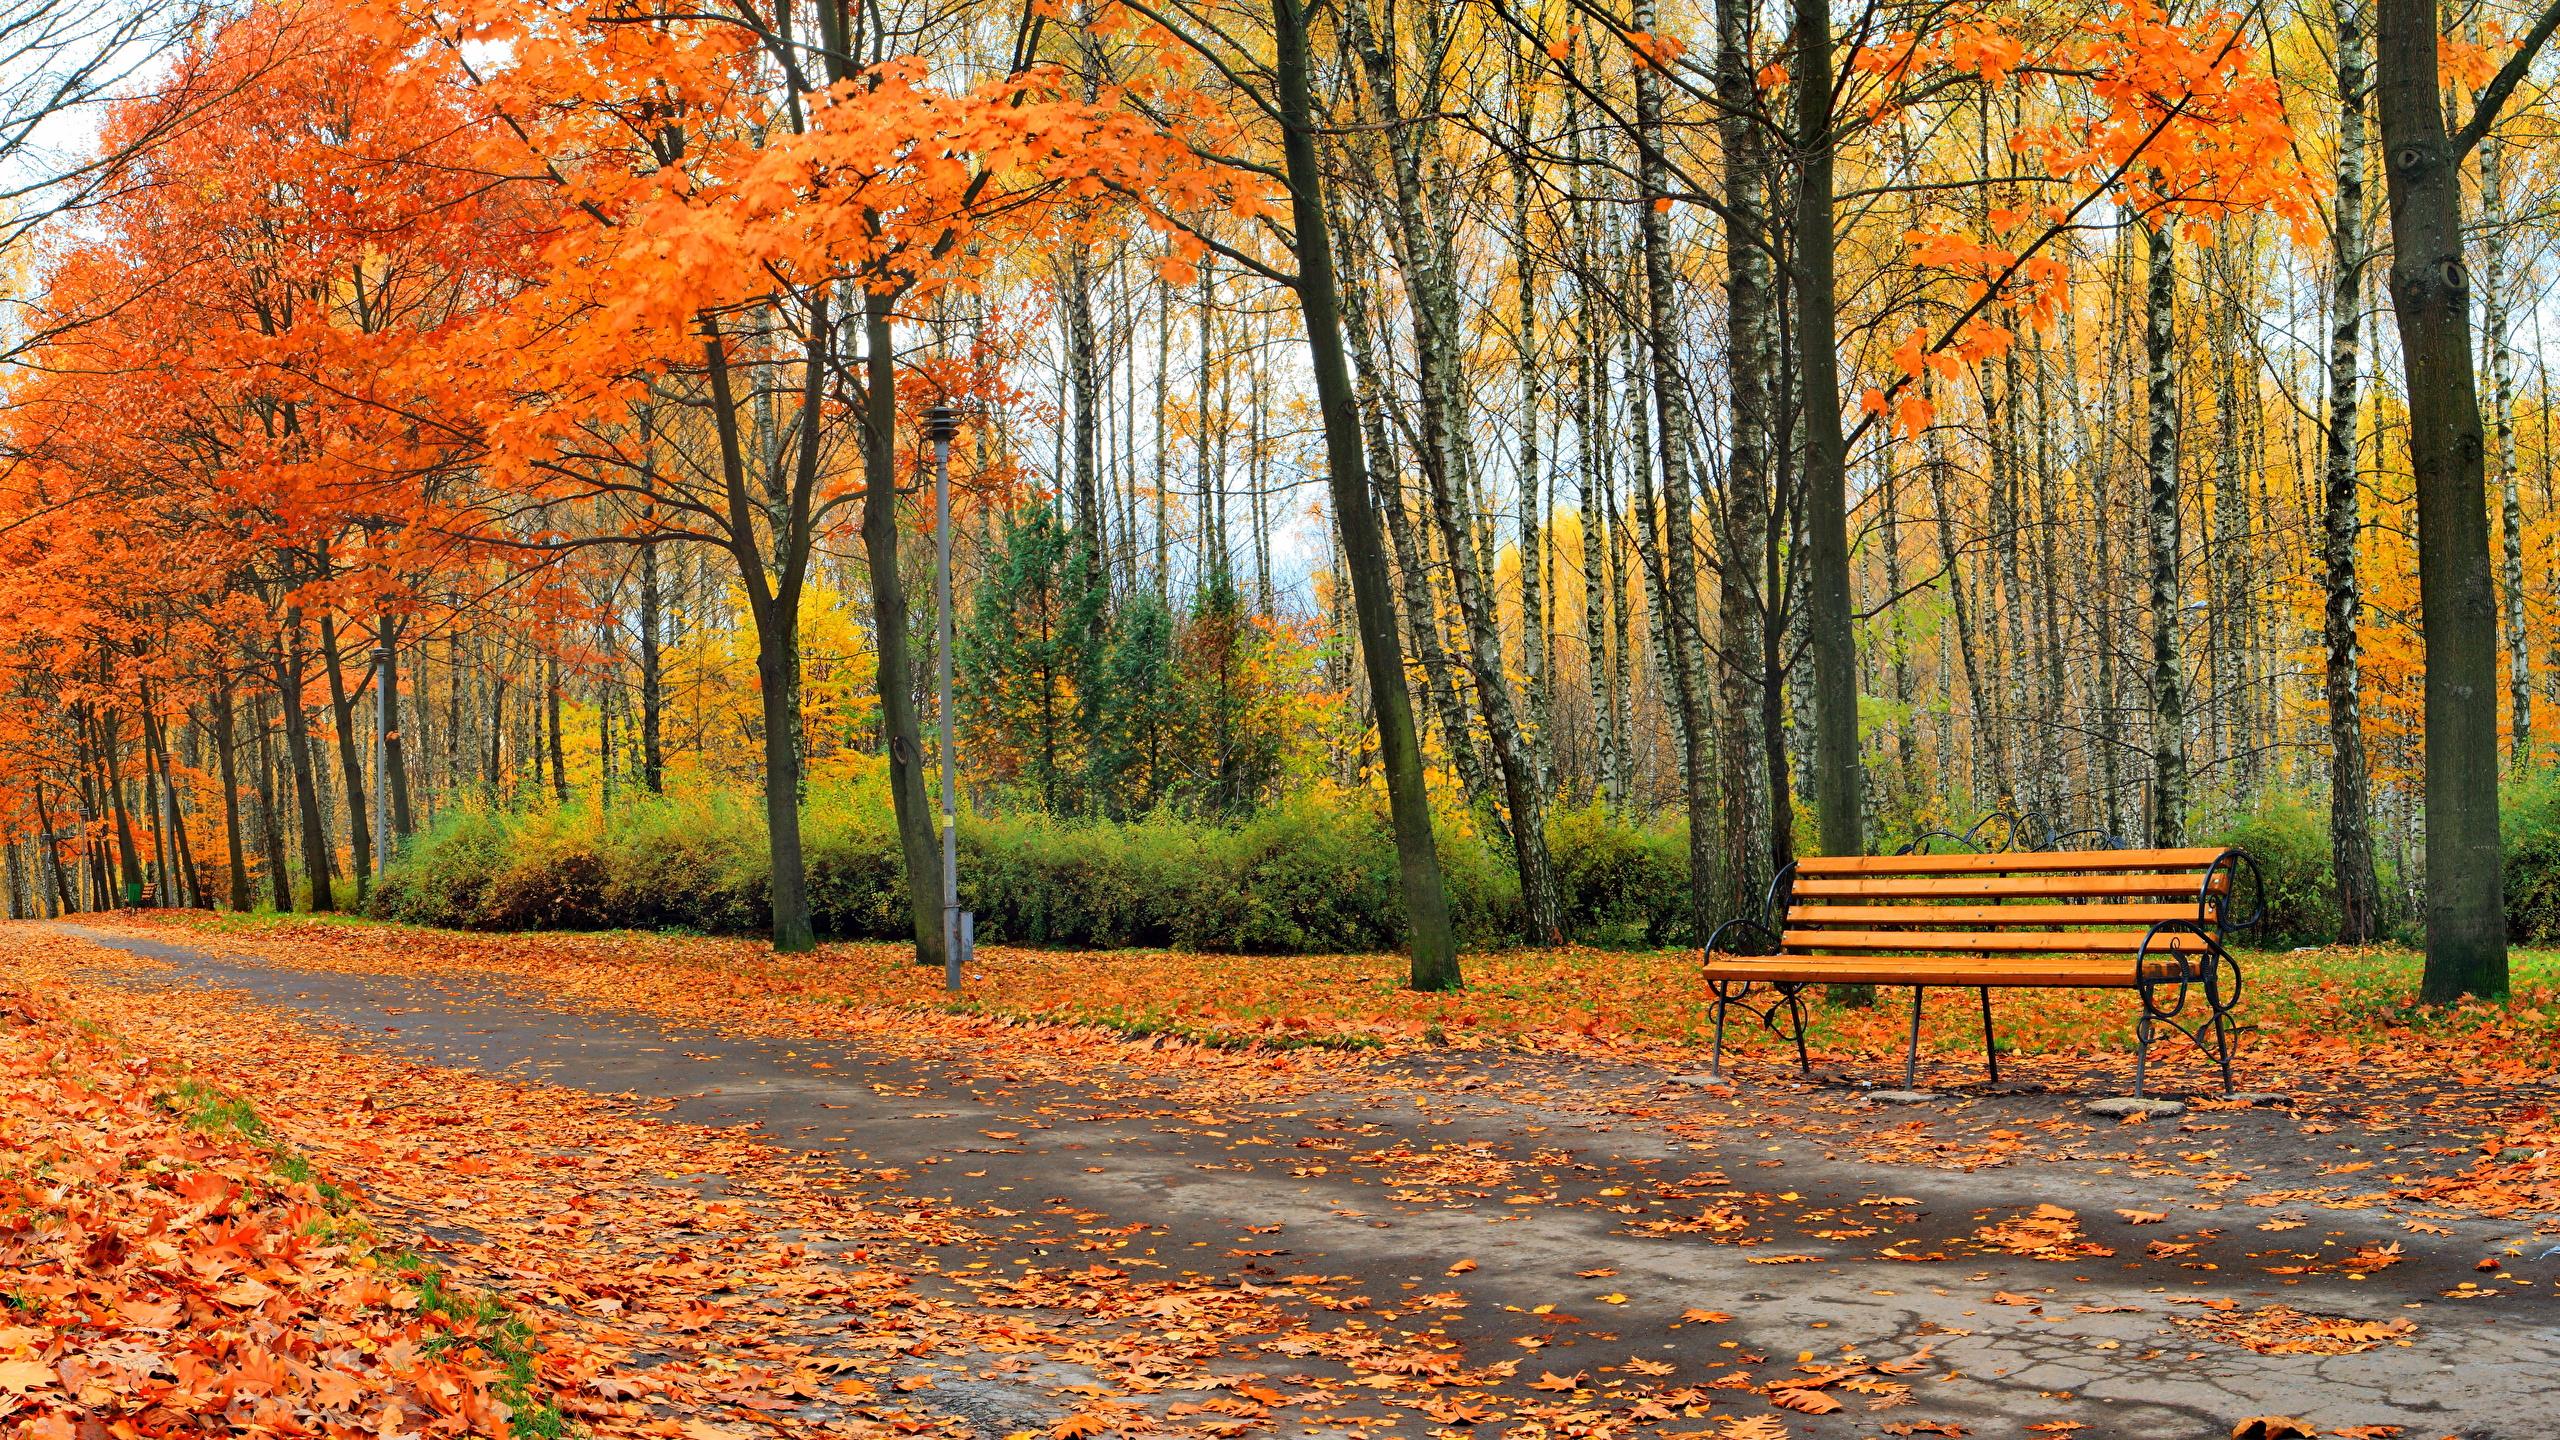 День, лучшие картинки на рабочий стол широкоформатные осень наступила